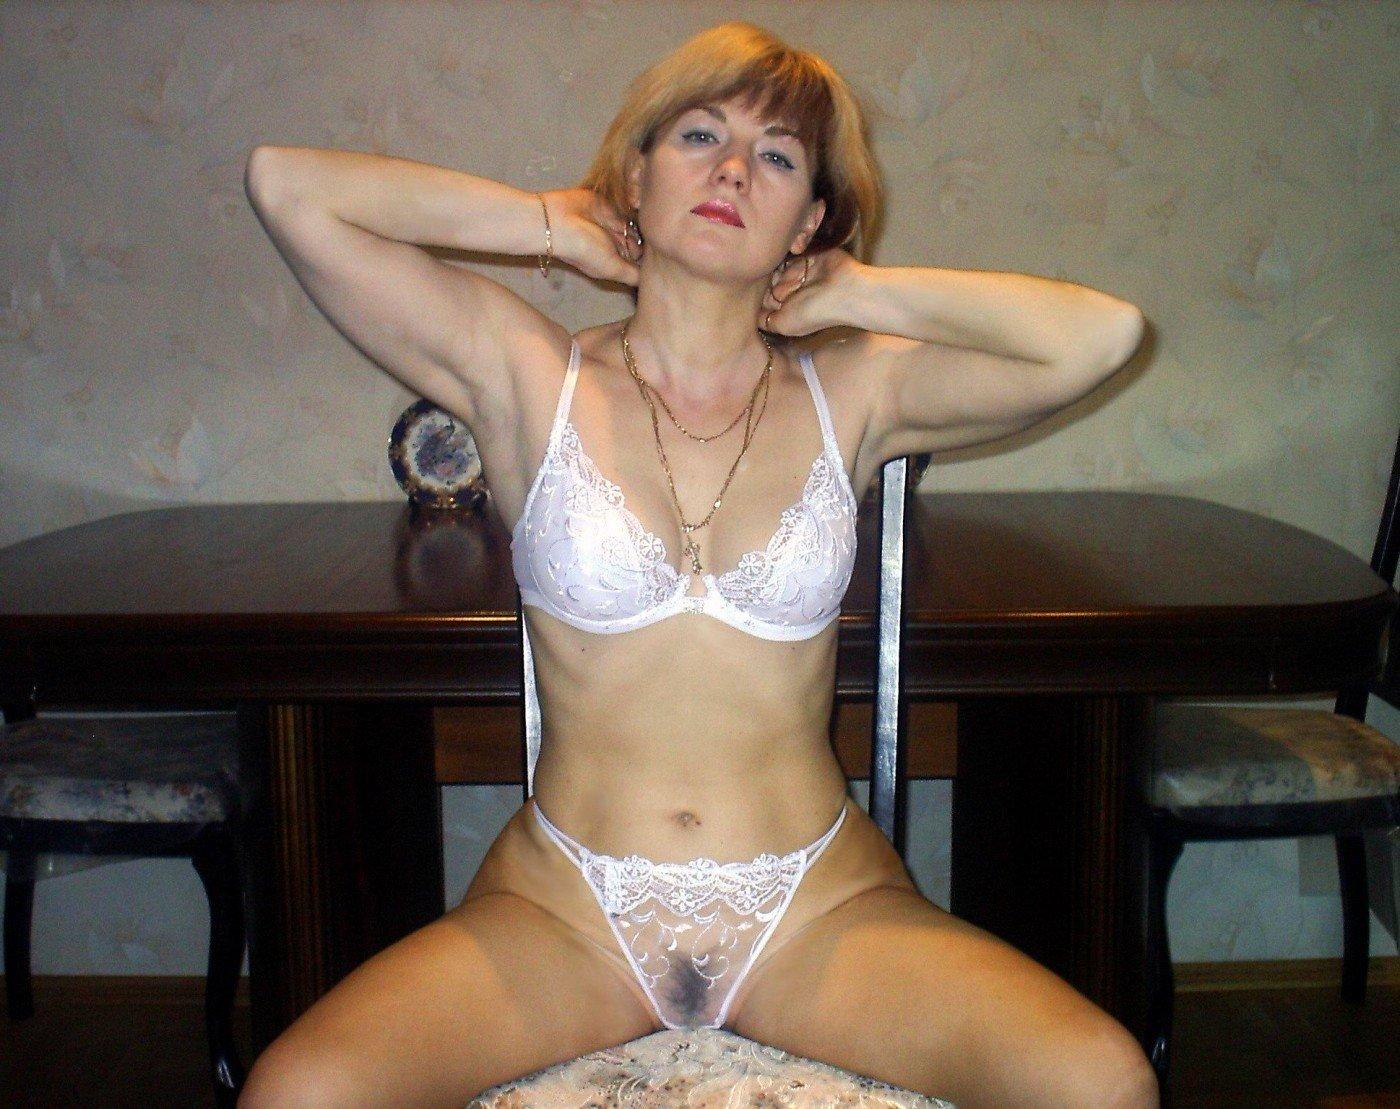 Эротика русские зрелые, Русское порно зрелых женщин бесплатно на 24 видео 4 фотография